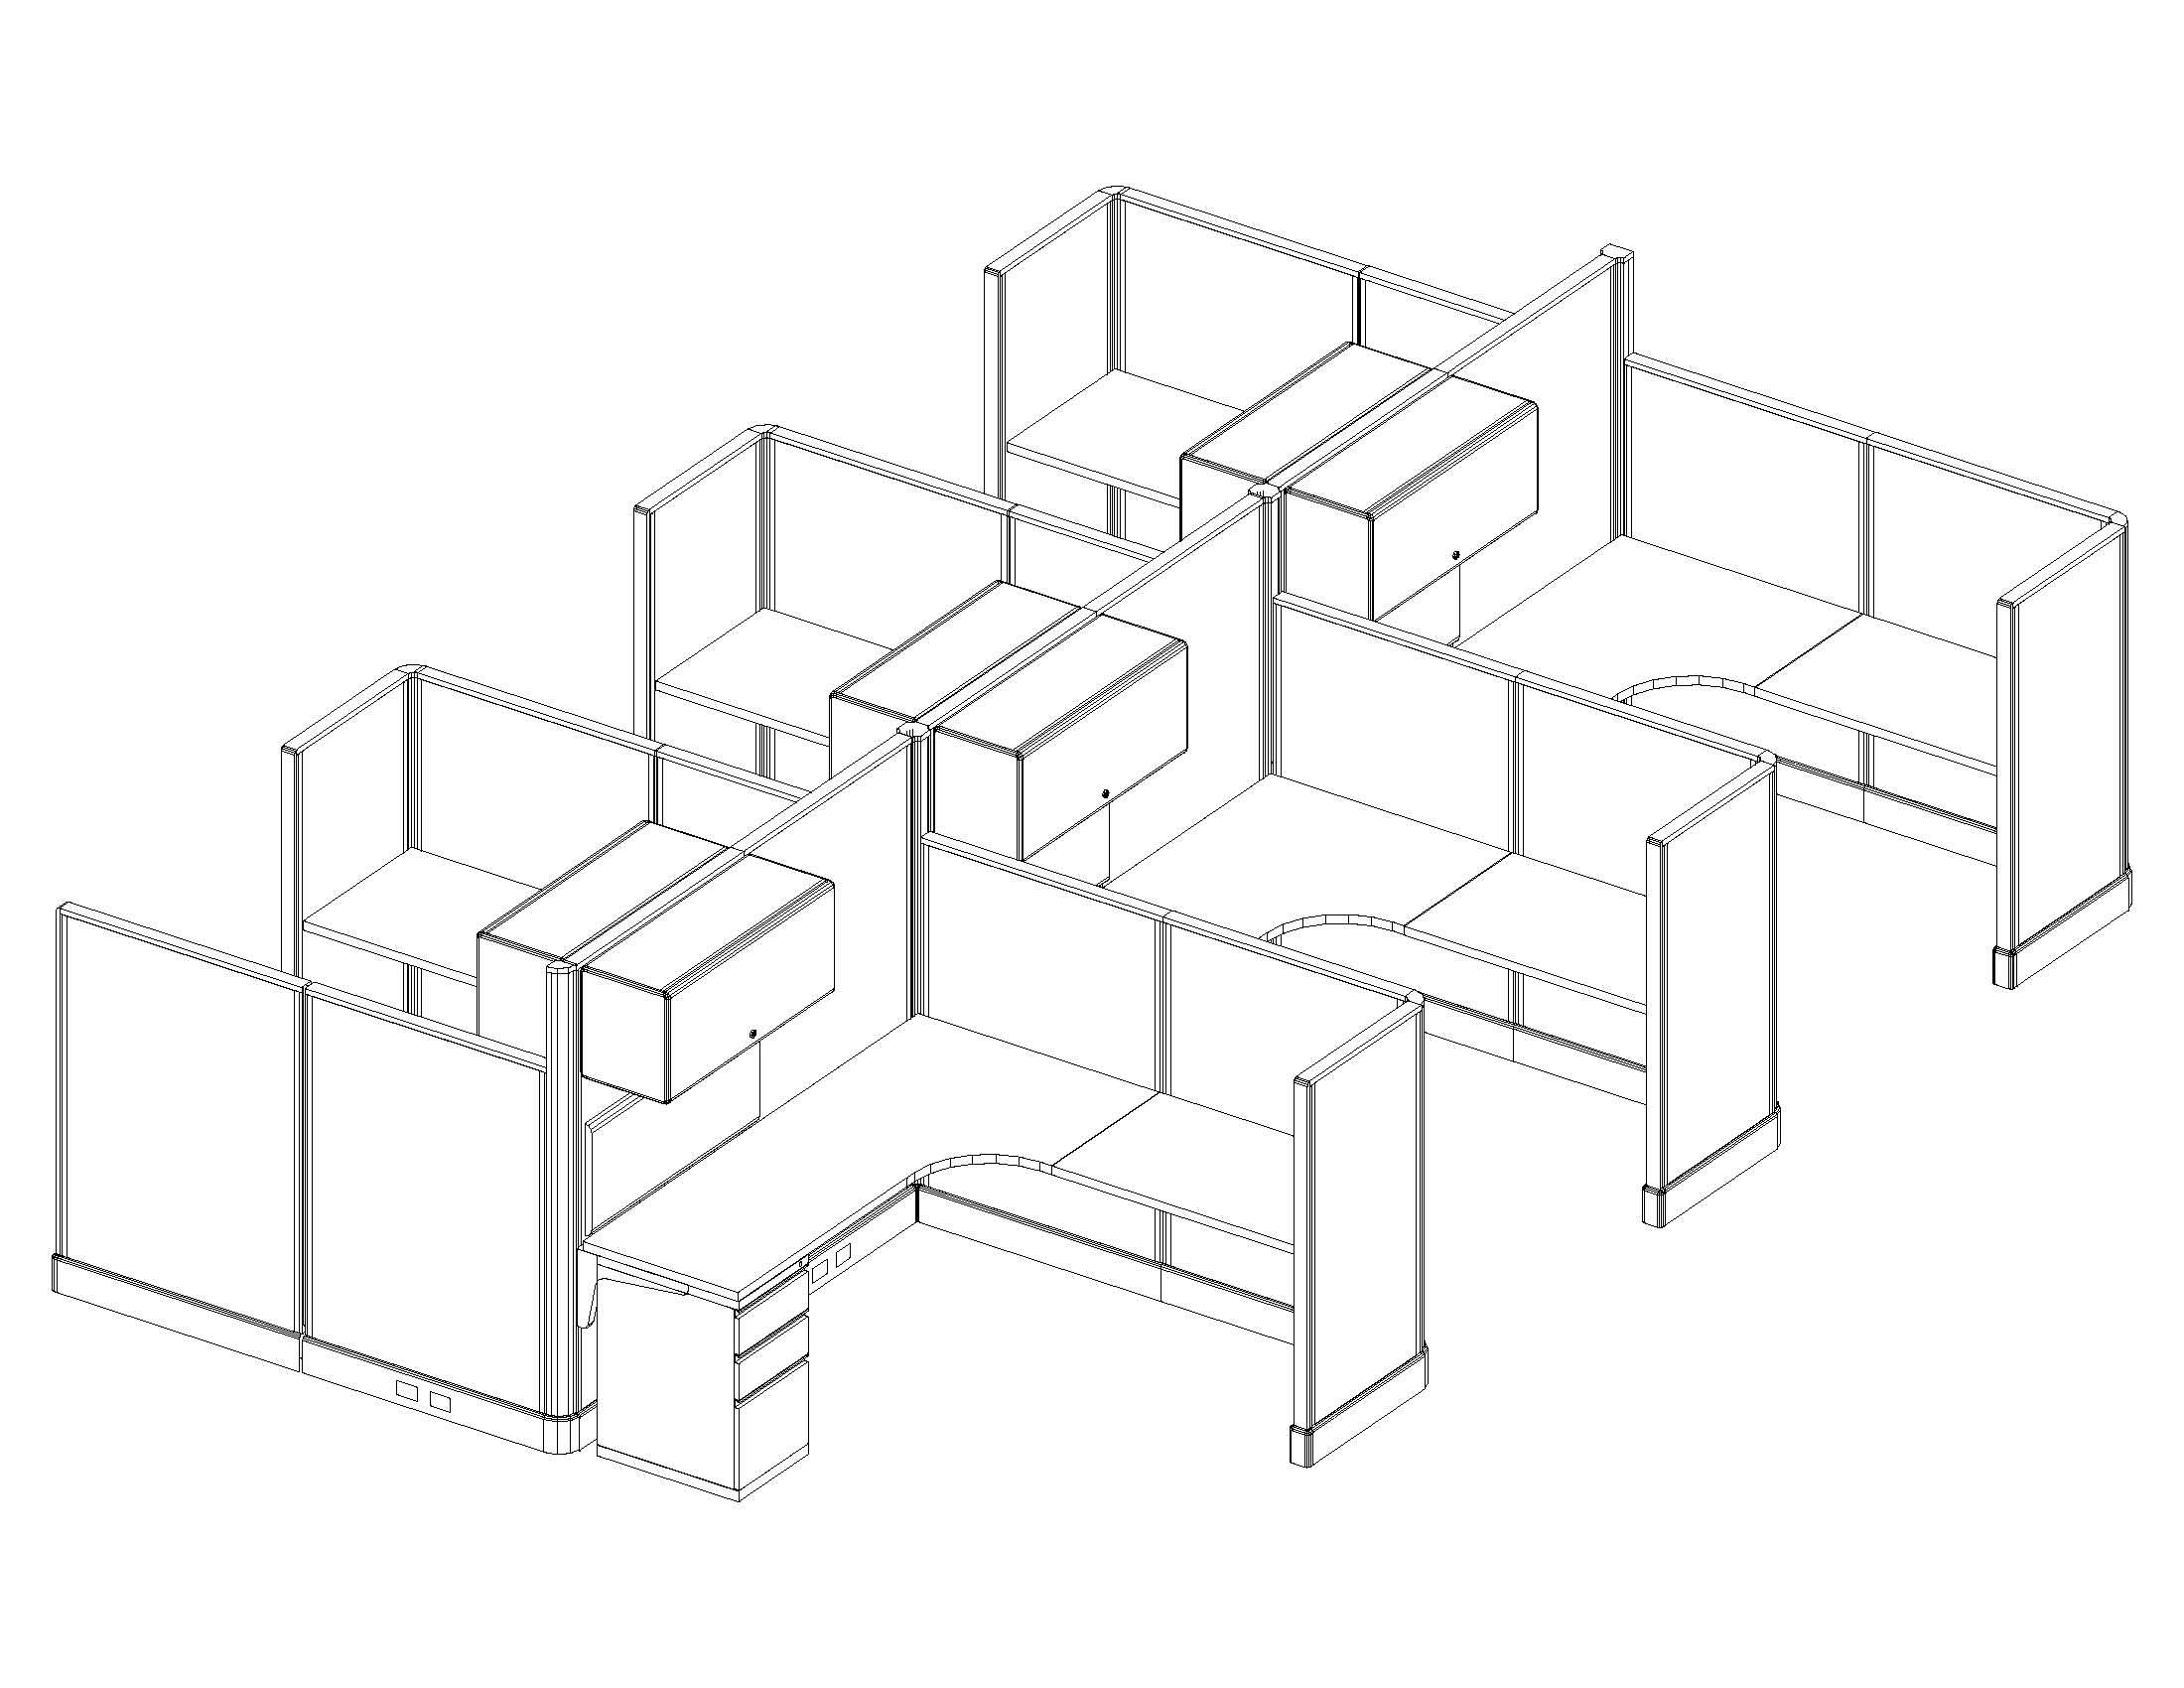 Herman Miller Cubicle Wiring Diagram